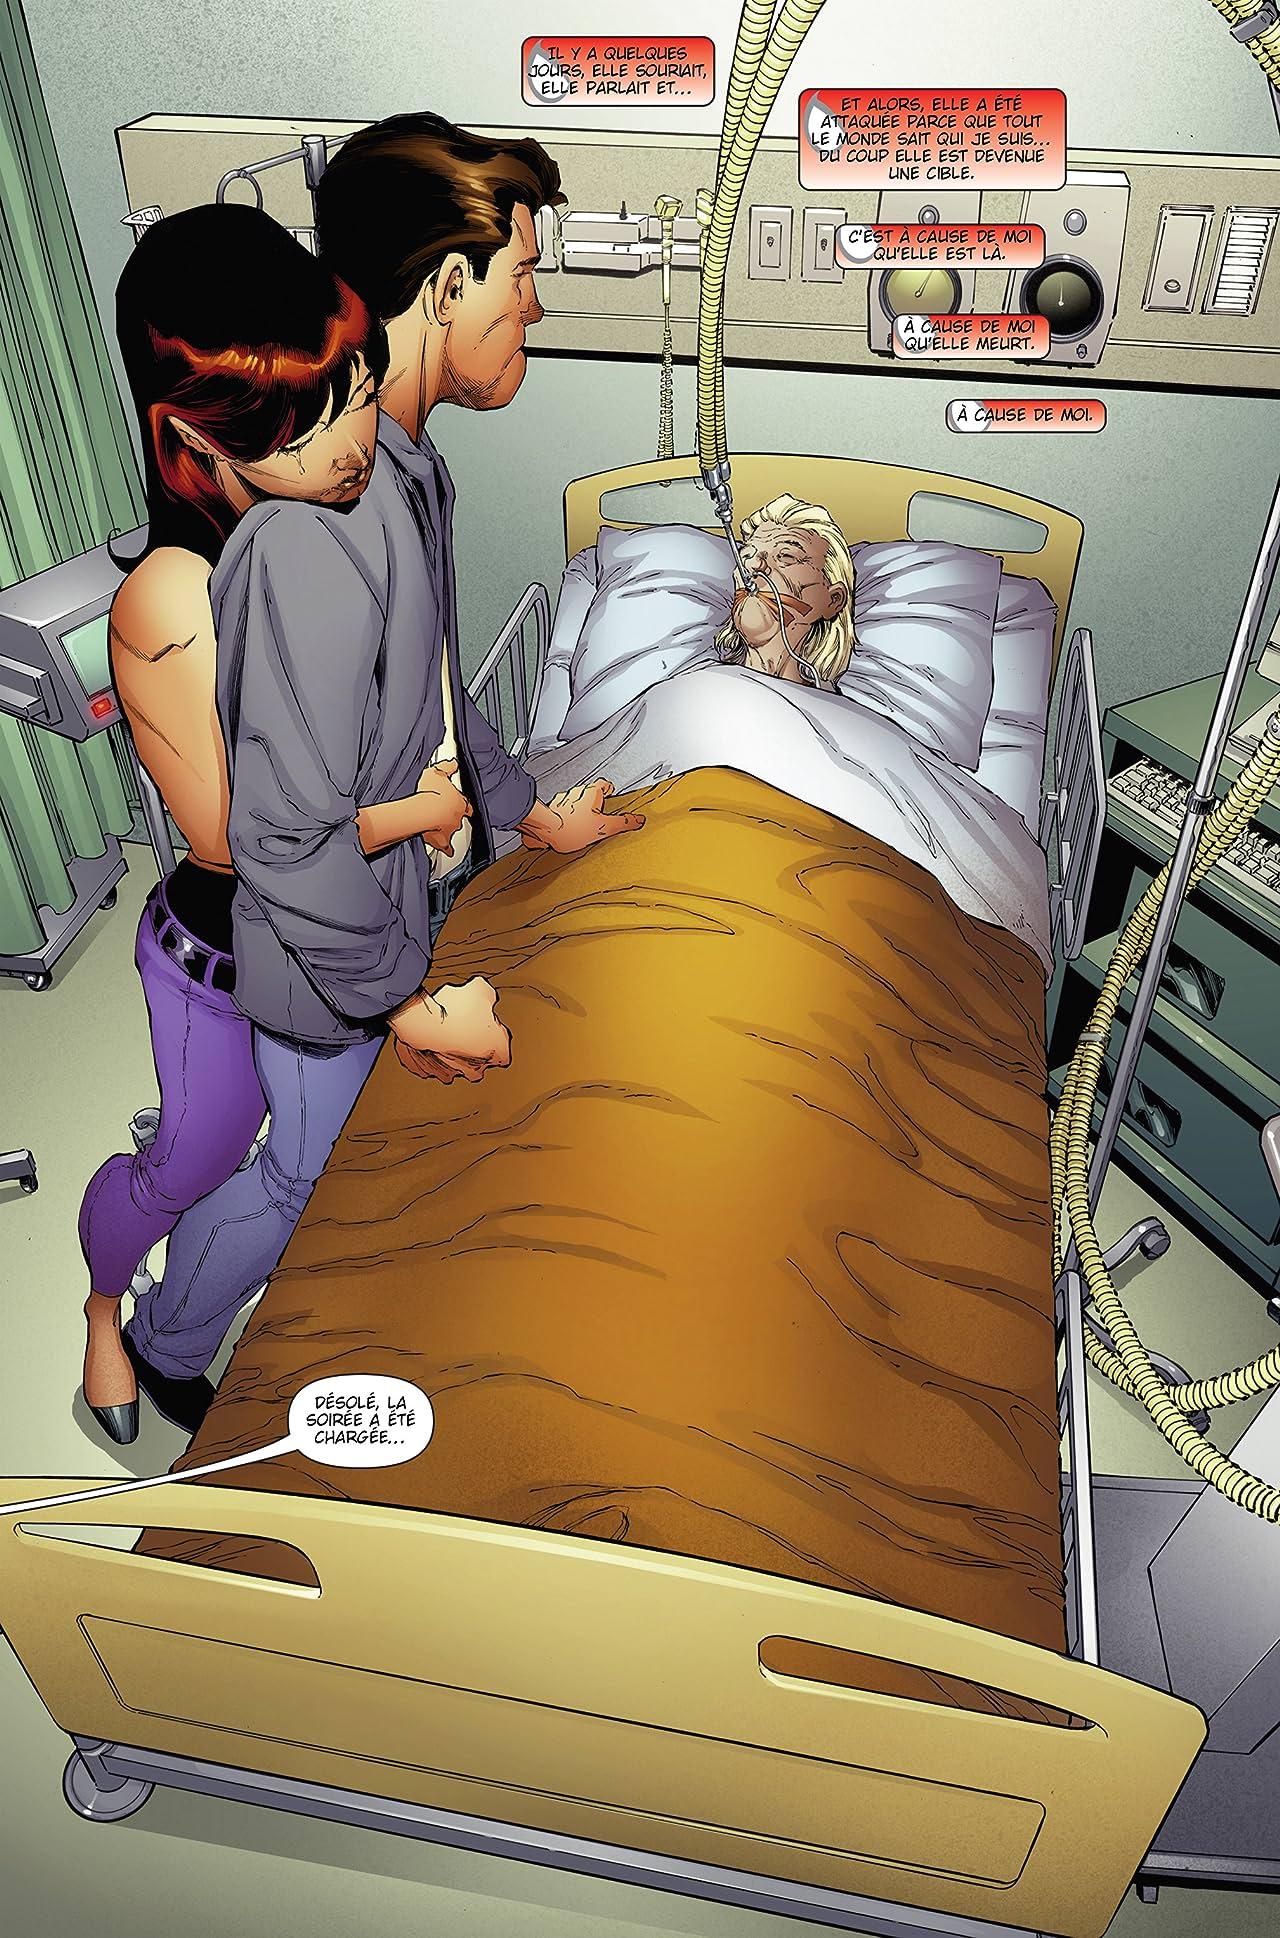 20 Ans Panini Comics Vol. 2: Spider-Man - Un jour de plus